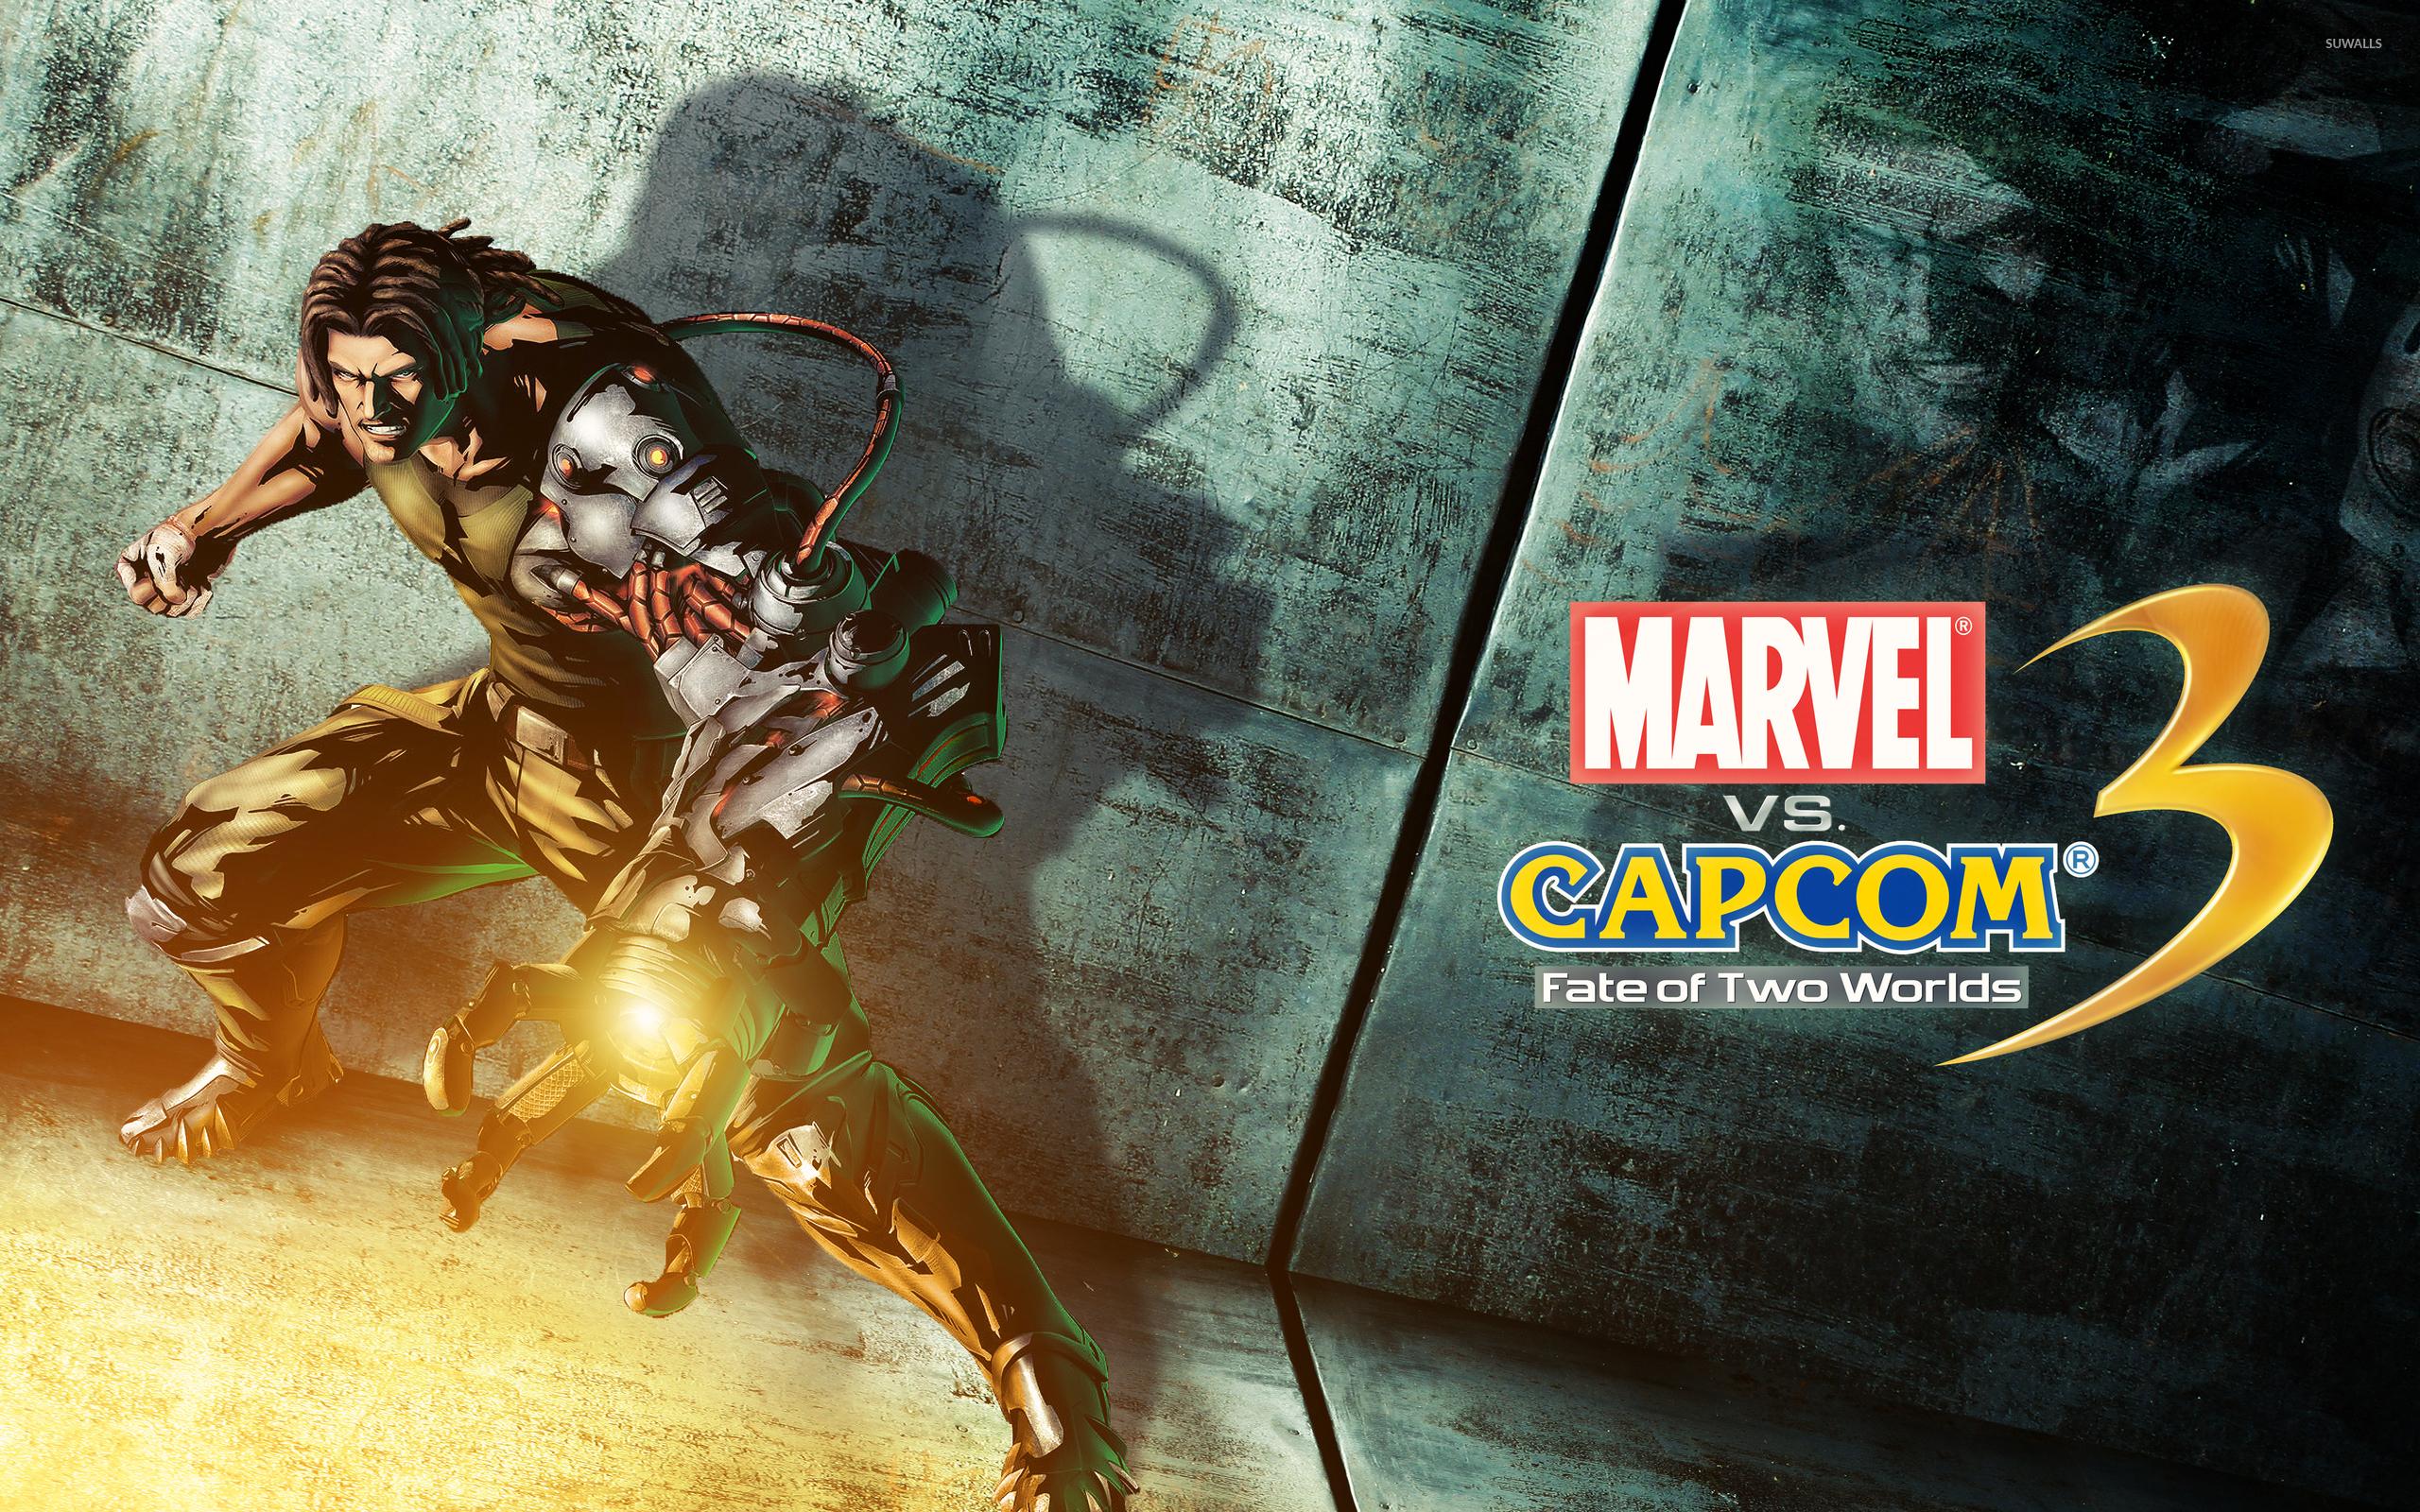 Marvel Vs Capcom 3 Spencer Wallpaper Game Wallpapers 2695